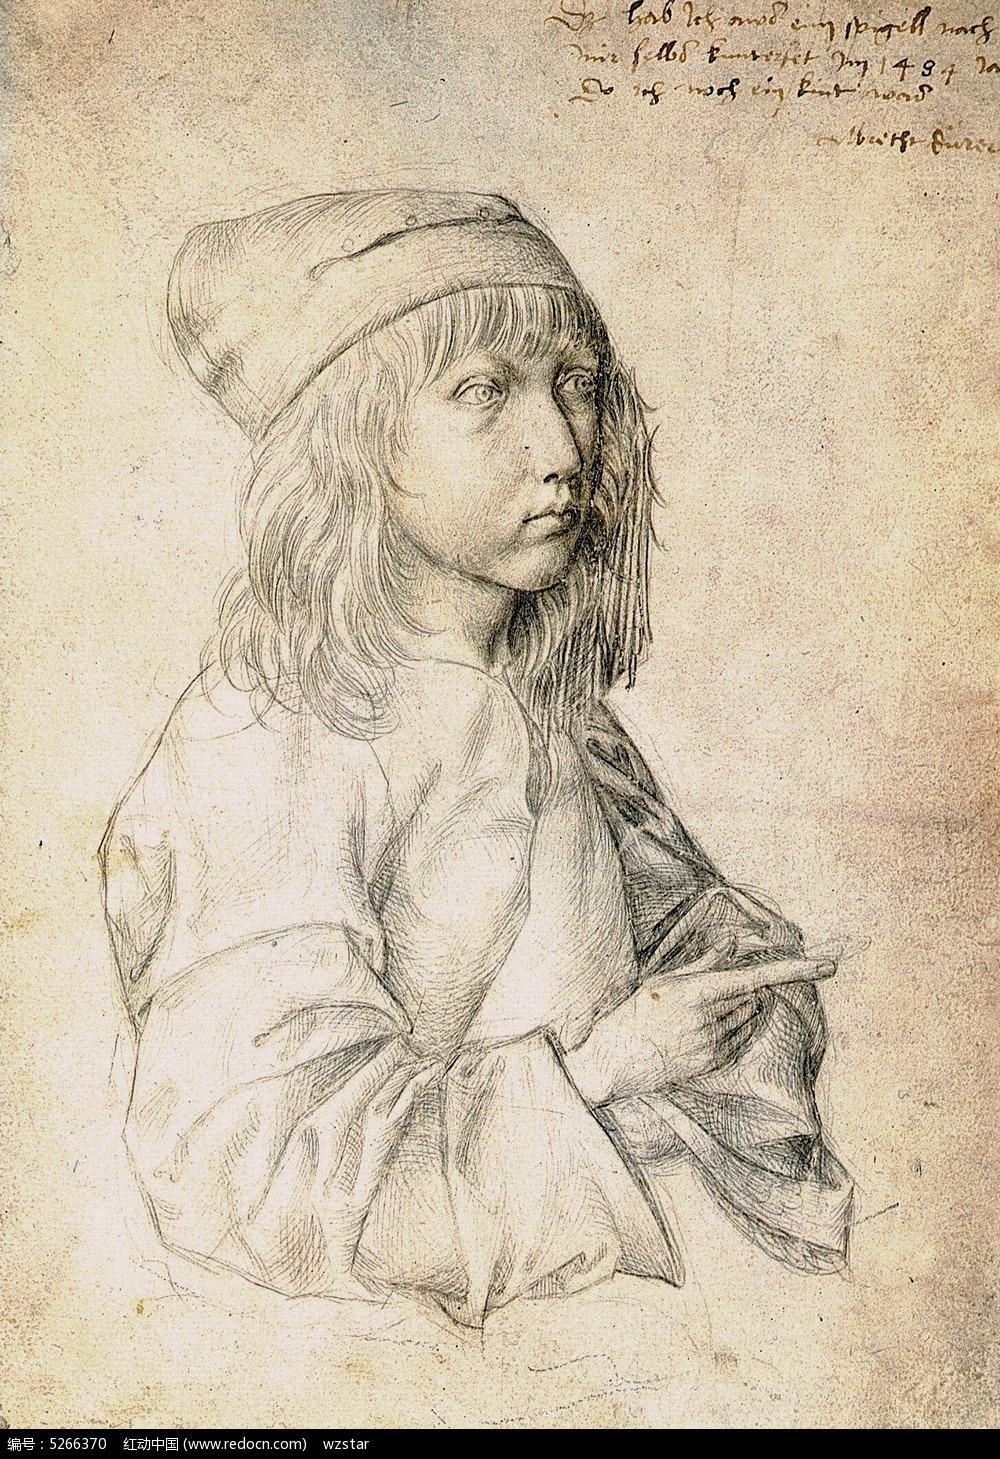 线稿 复古 海报素材  背景 绘画       欧式 文艺复兴时期  人物